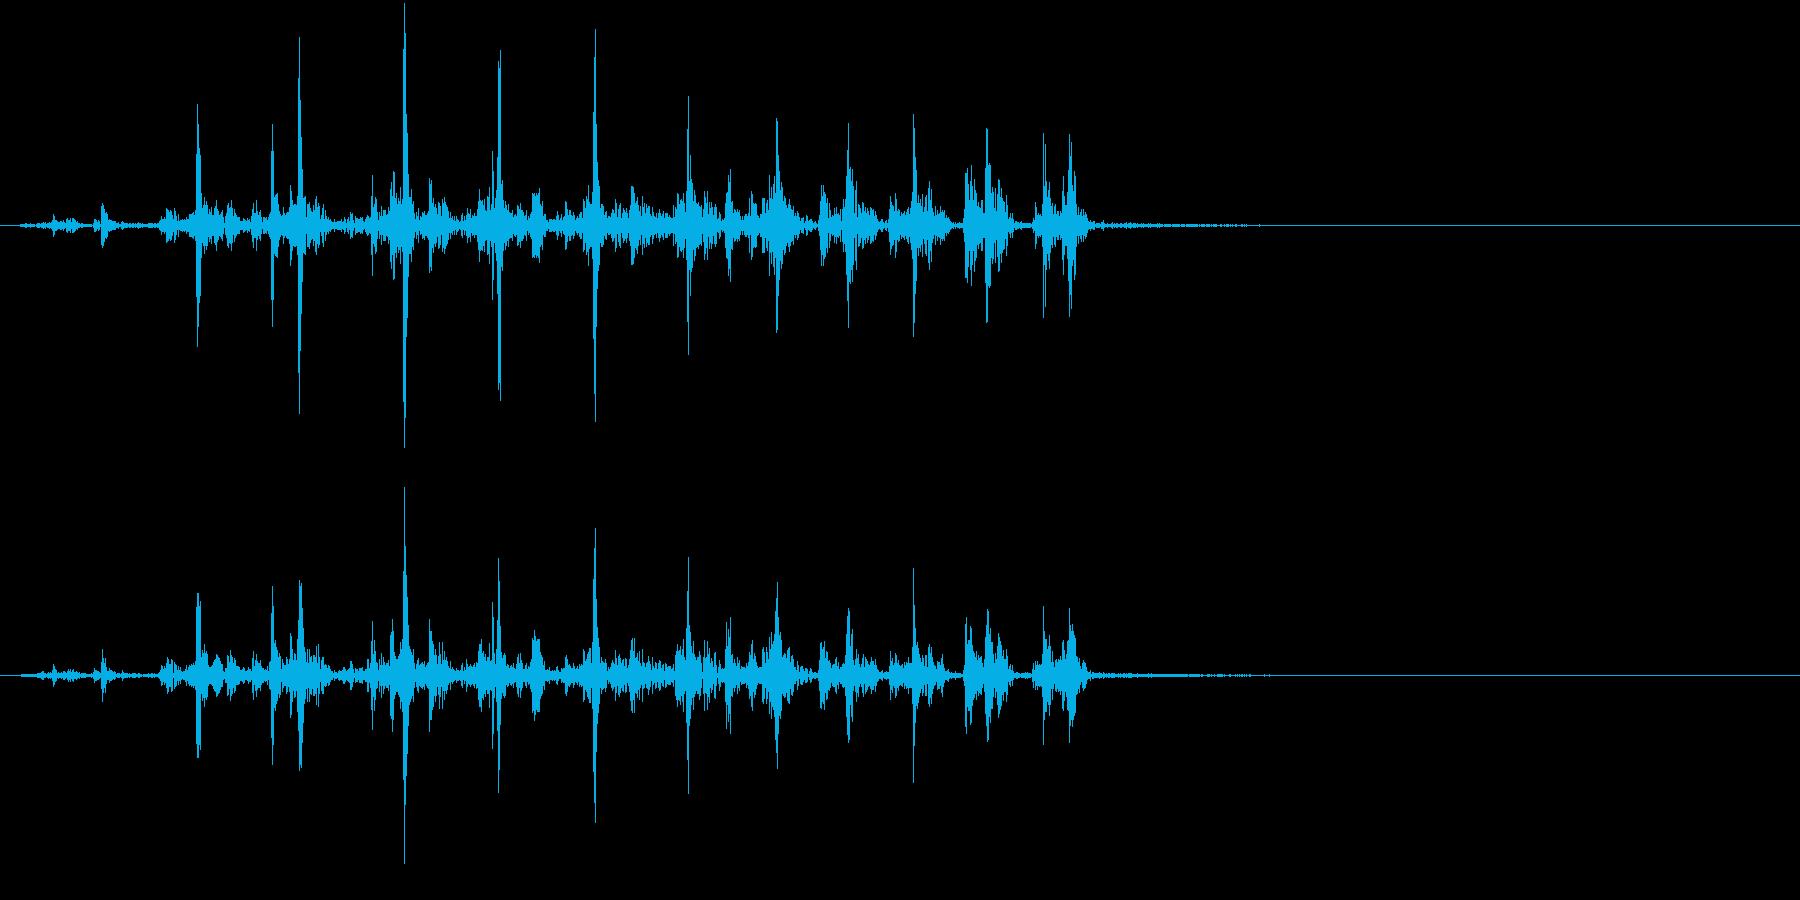 【生録音】カッターナイフの音 21の再生済みの波形